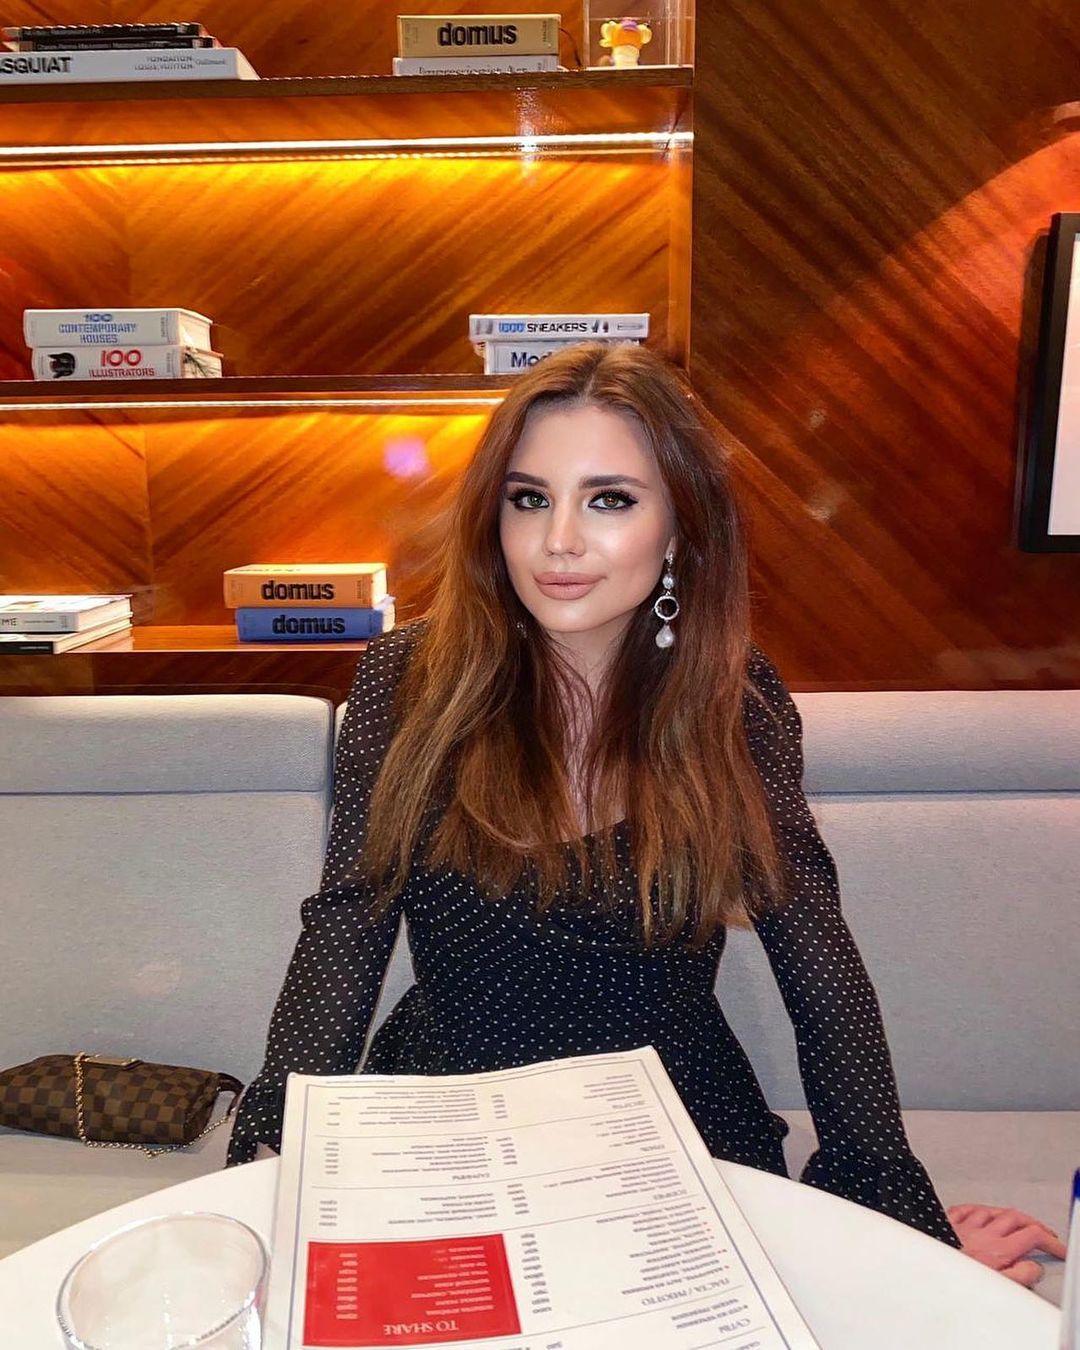 Пасынок Маши Распутиной рассказал правду о певице и ее дочери